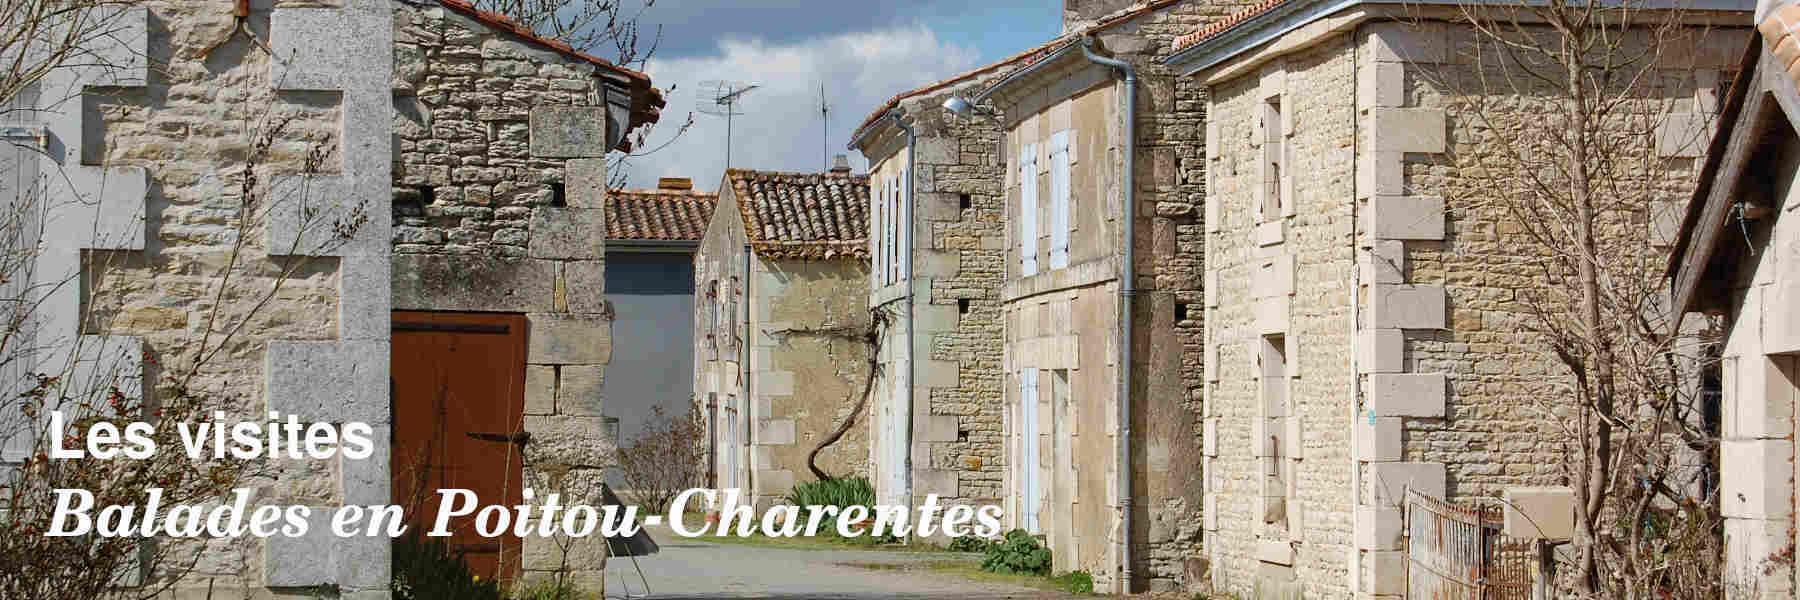 Les visites en Poitou-Charentes